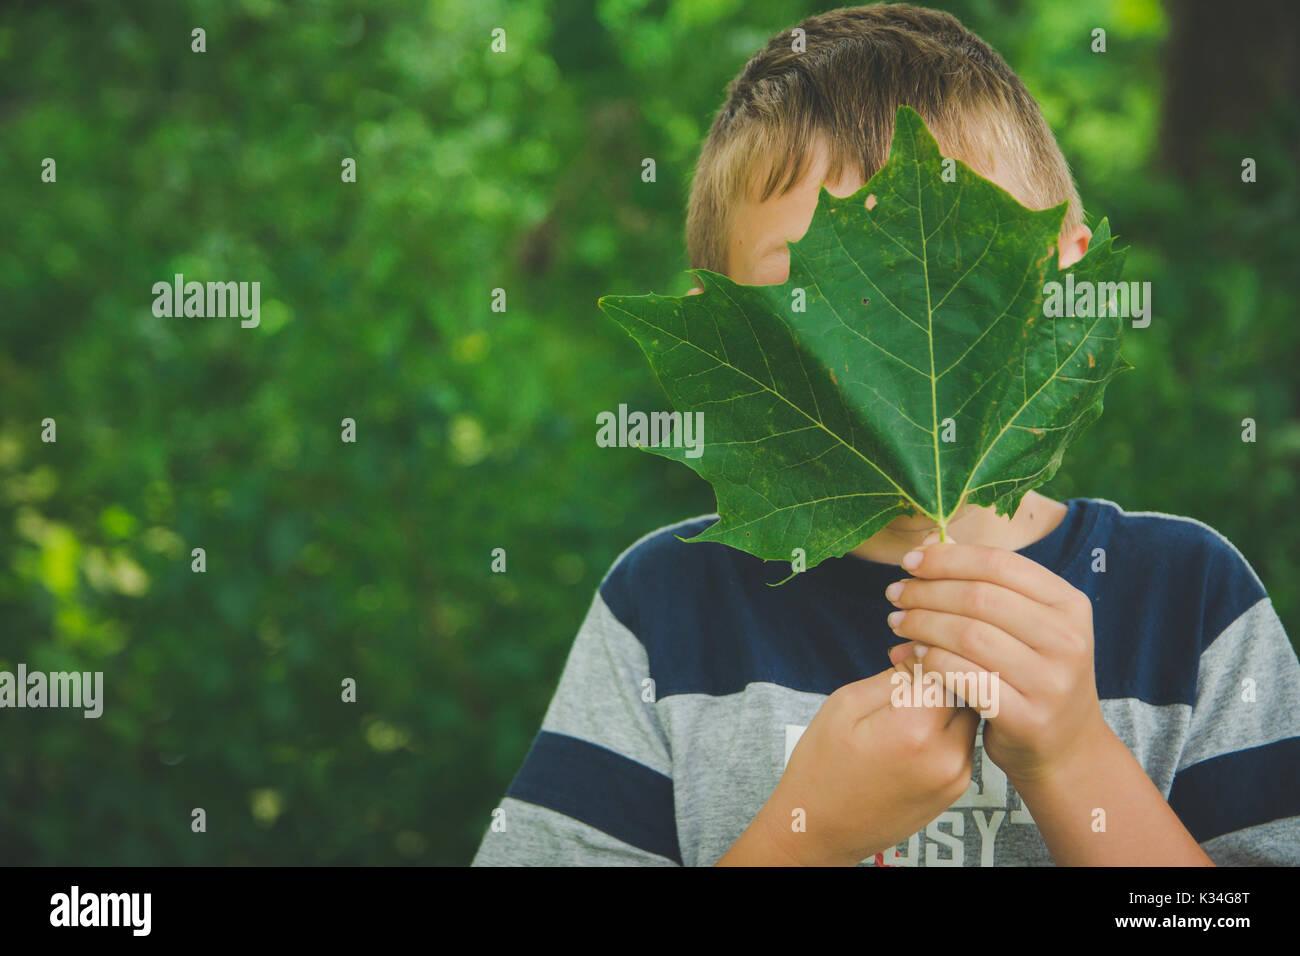 Ein kleiner Junge hält ein grünes Blatt vor seinem Gesicht. Stockfoto